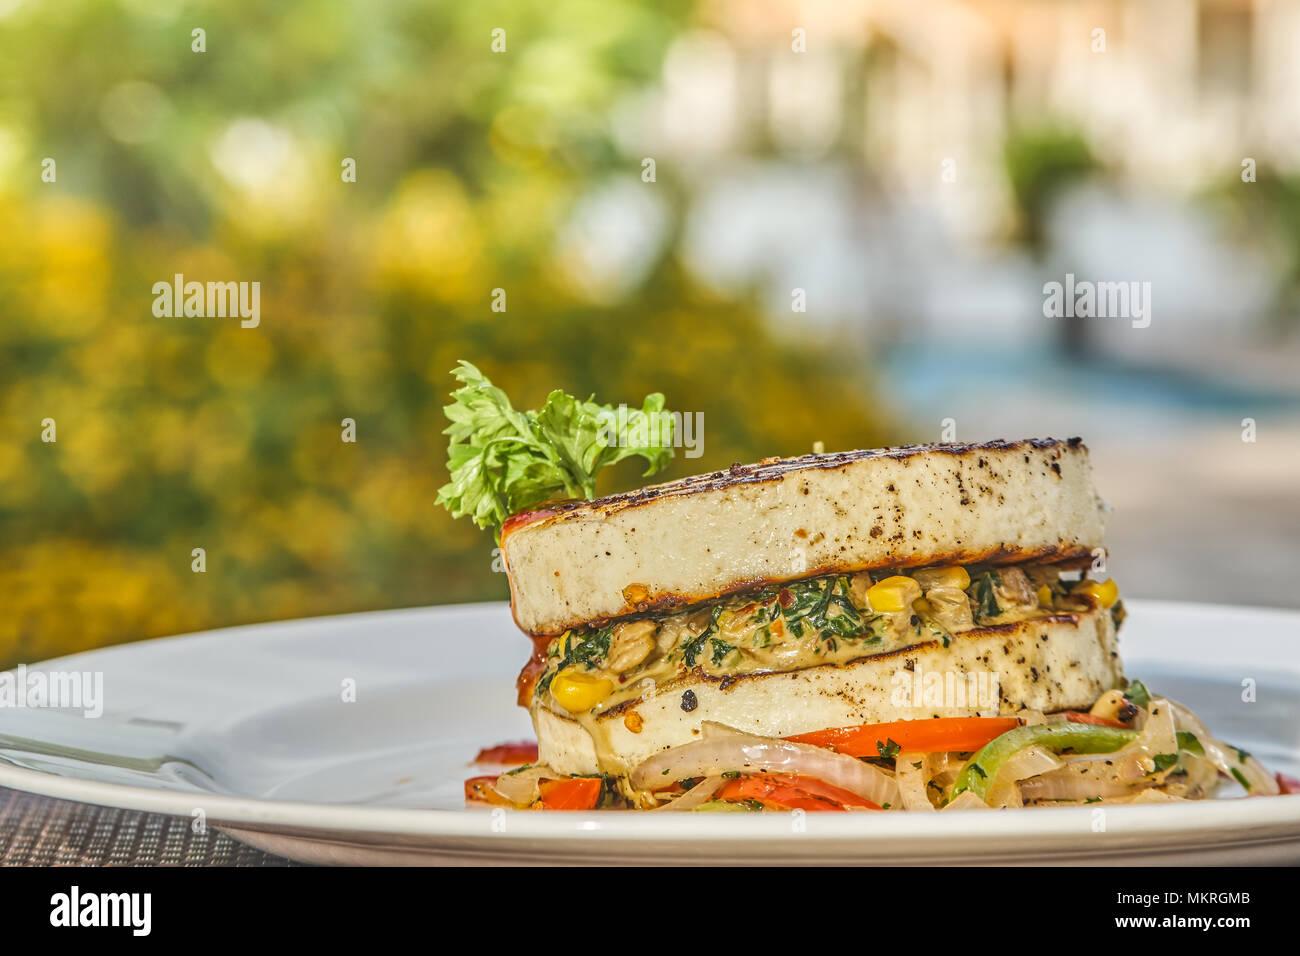 Eine Platte der vegetarische Burger bei einer hohen Ende außerhalb Restaurant Stockbild